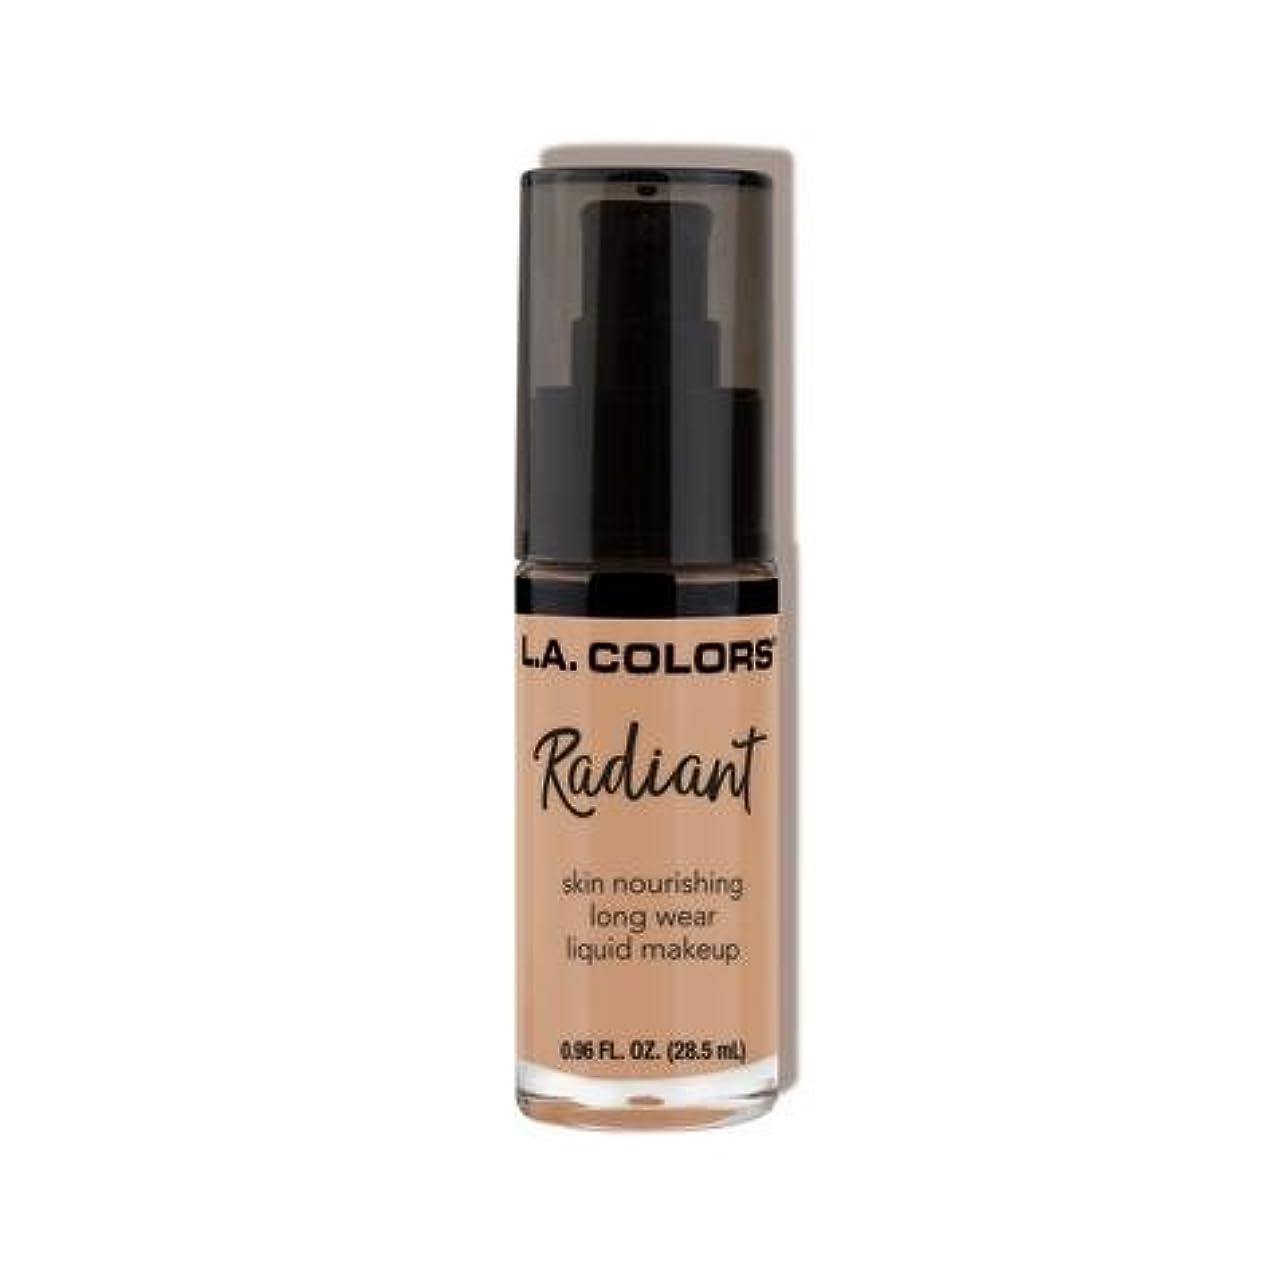 宿る資格文明化(3 Pack) L.A. COLORS Radiant Liquid Makeup - Fair (並行輸入品)